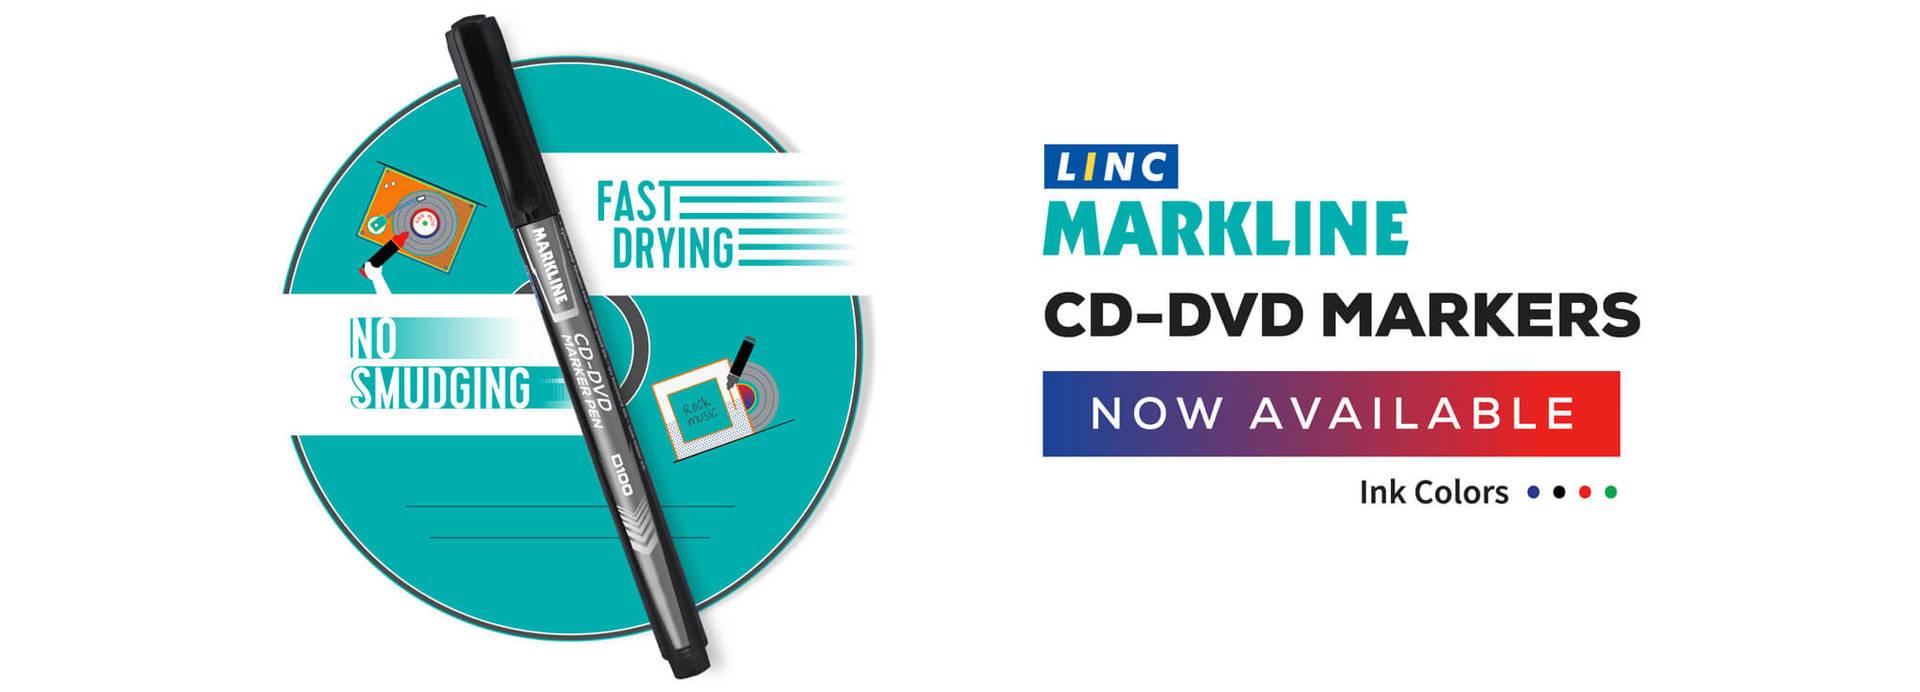 cd dvd marker pen